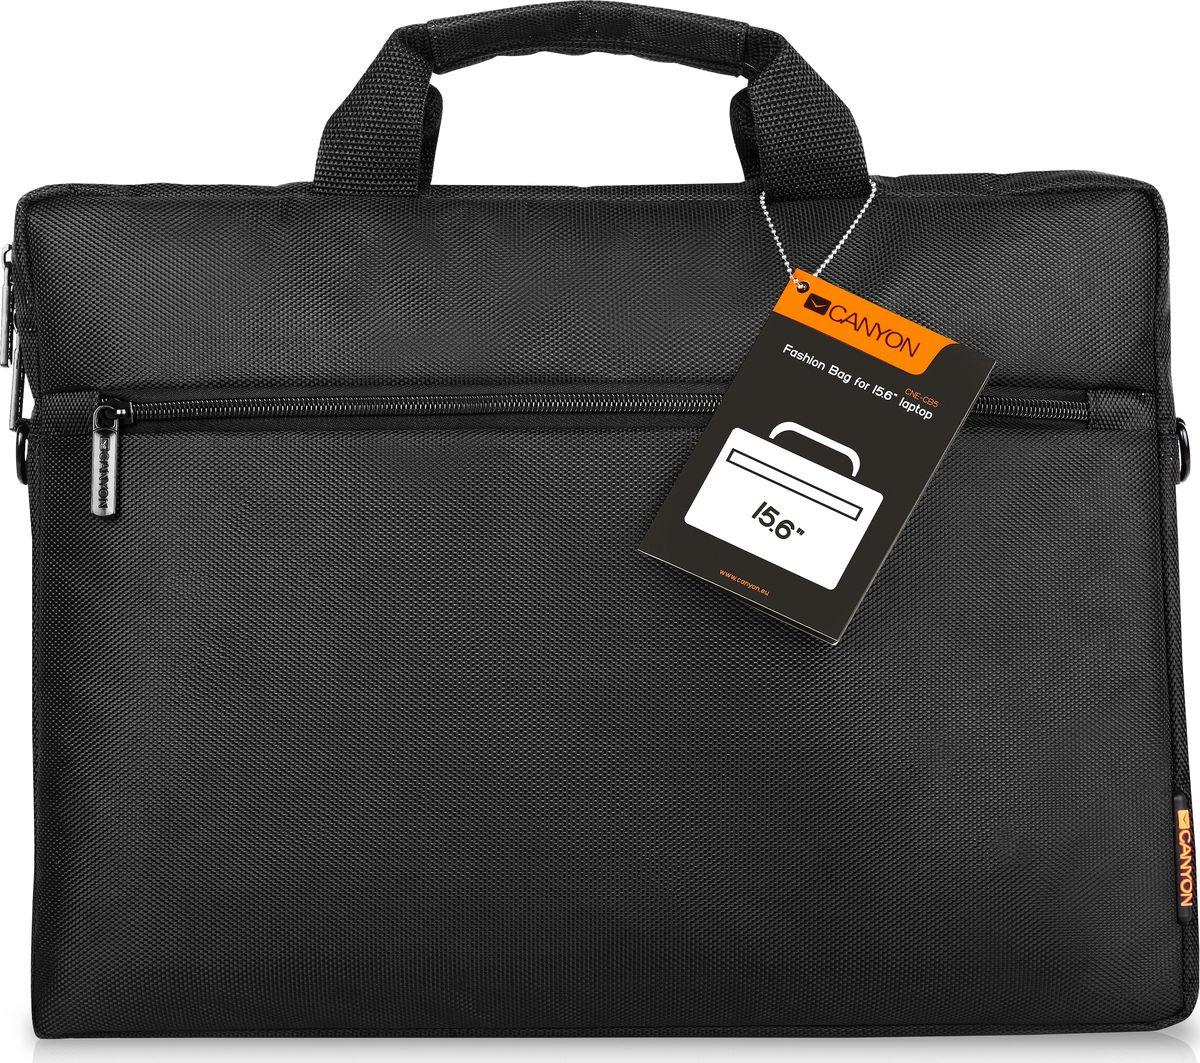 Canyon CNE-CB5B2 сумка для ноутбука 15,6Canyon CNE-CB5B2 сумка для ноутбука 15,6Сумка Canyon CNE-CB5B2 черного цвета представляет собой незаменимый аксессуар для людей, ведущих активный образ жизни. Обладая съемным плечевым ремнем, регулируемым по длине и обеспечивающим максимальный комфорт при переноске, она прекрасно подходит для средних ноутбуков с диагональю до 15 дюймов. Данная модель оснащена передним карманом на молнии для быстрого доступа к вашим вещам, а также мягкими стенками, предотвращающими появление повреждений у вашего компьютера.